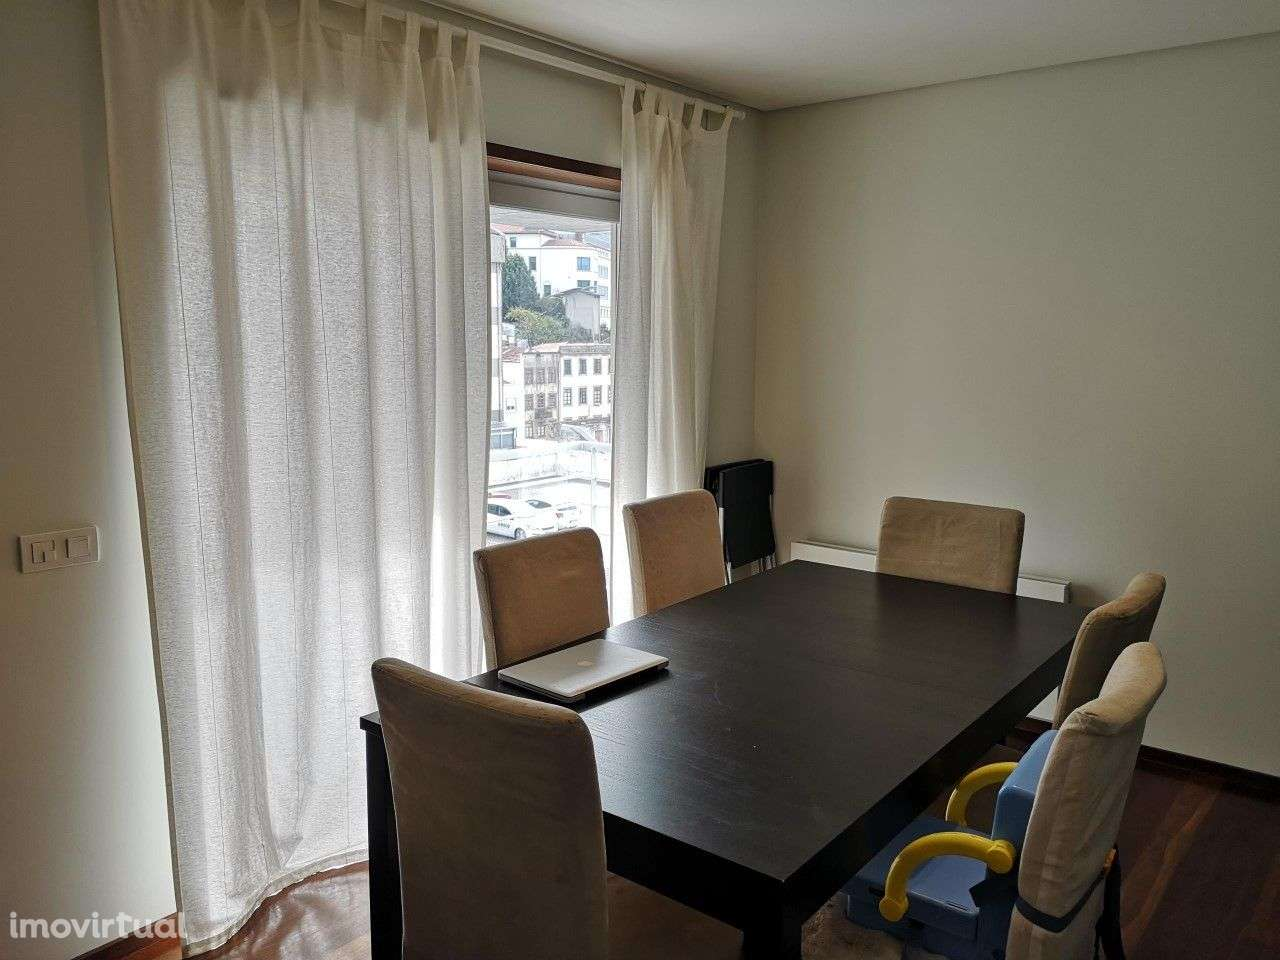 Apartamento para comprar, Rua Instituto de Cegos S Manuel, Cedofeita, Santo Ildefonso, Sé, Miragaia, São Nicolau e Vitória - Foto 16